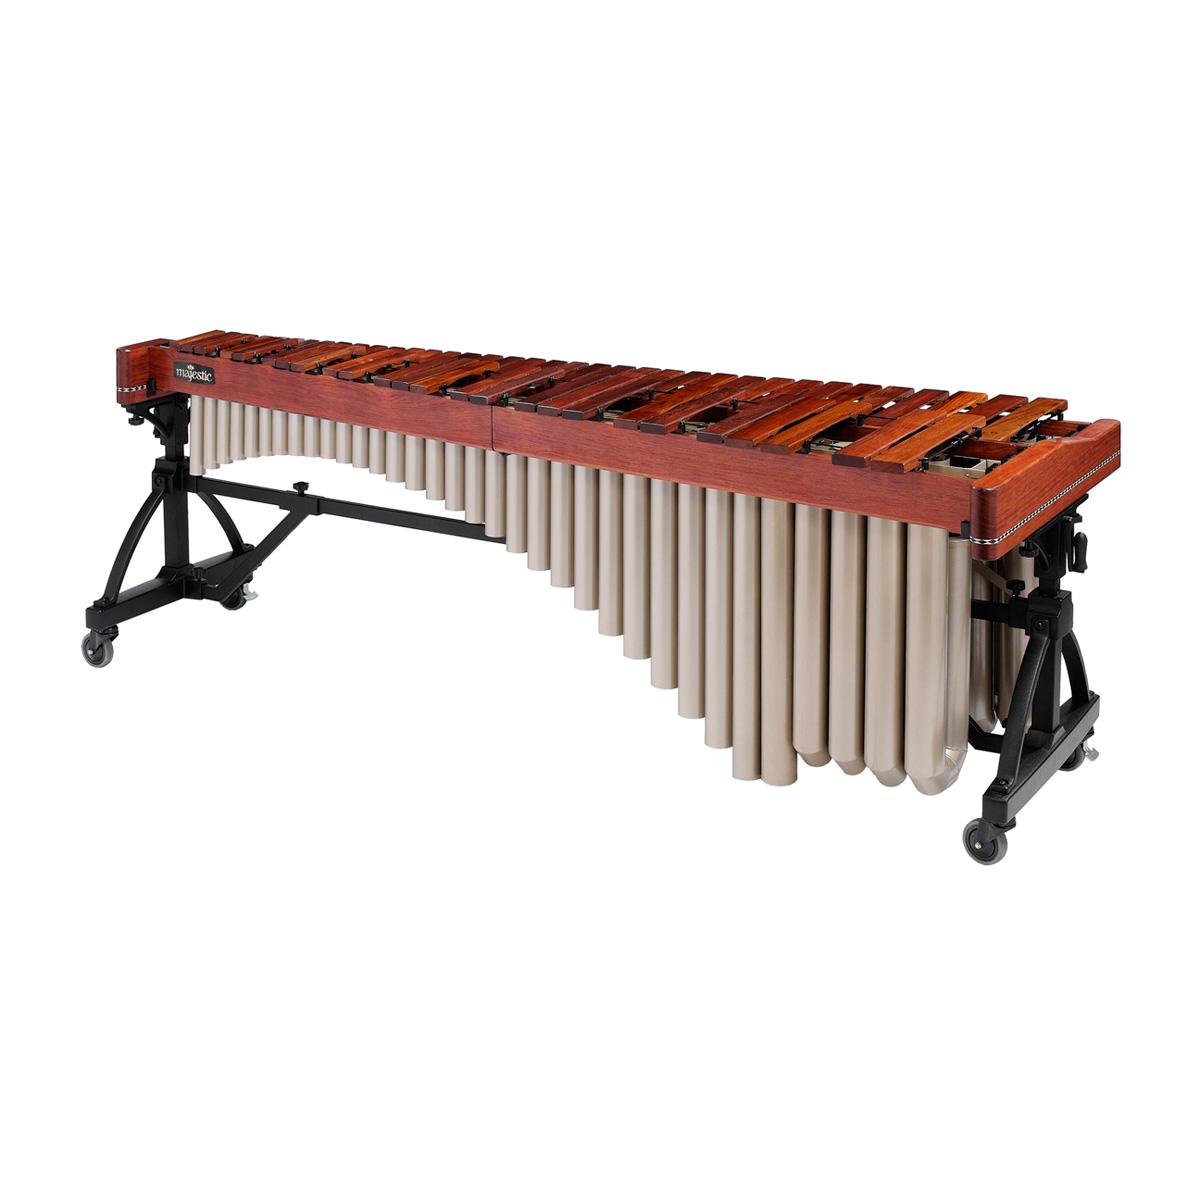 Majestic m8650h concert 5 octaves bois de rose for Construction xylophone bois